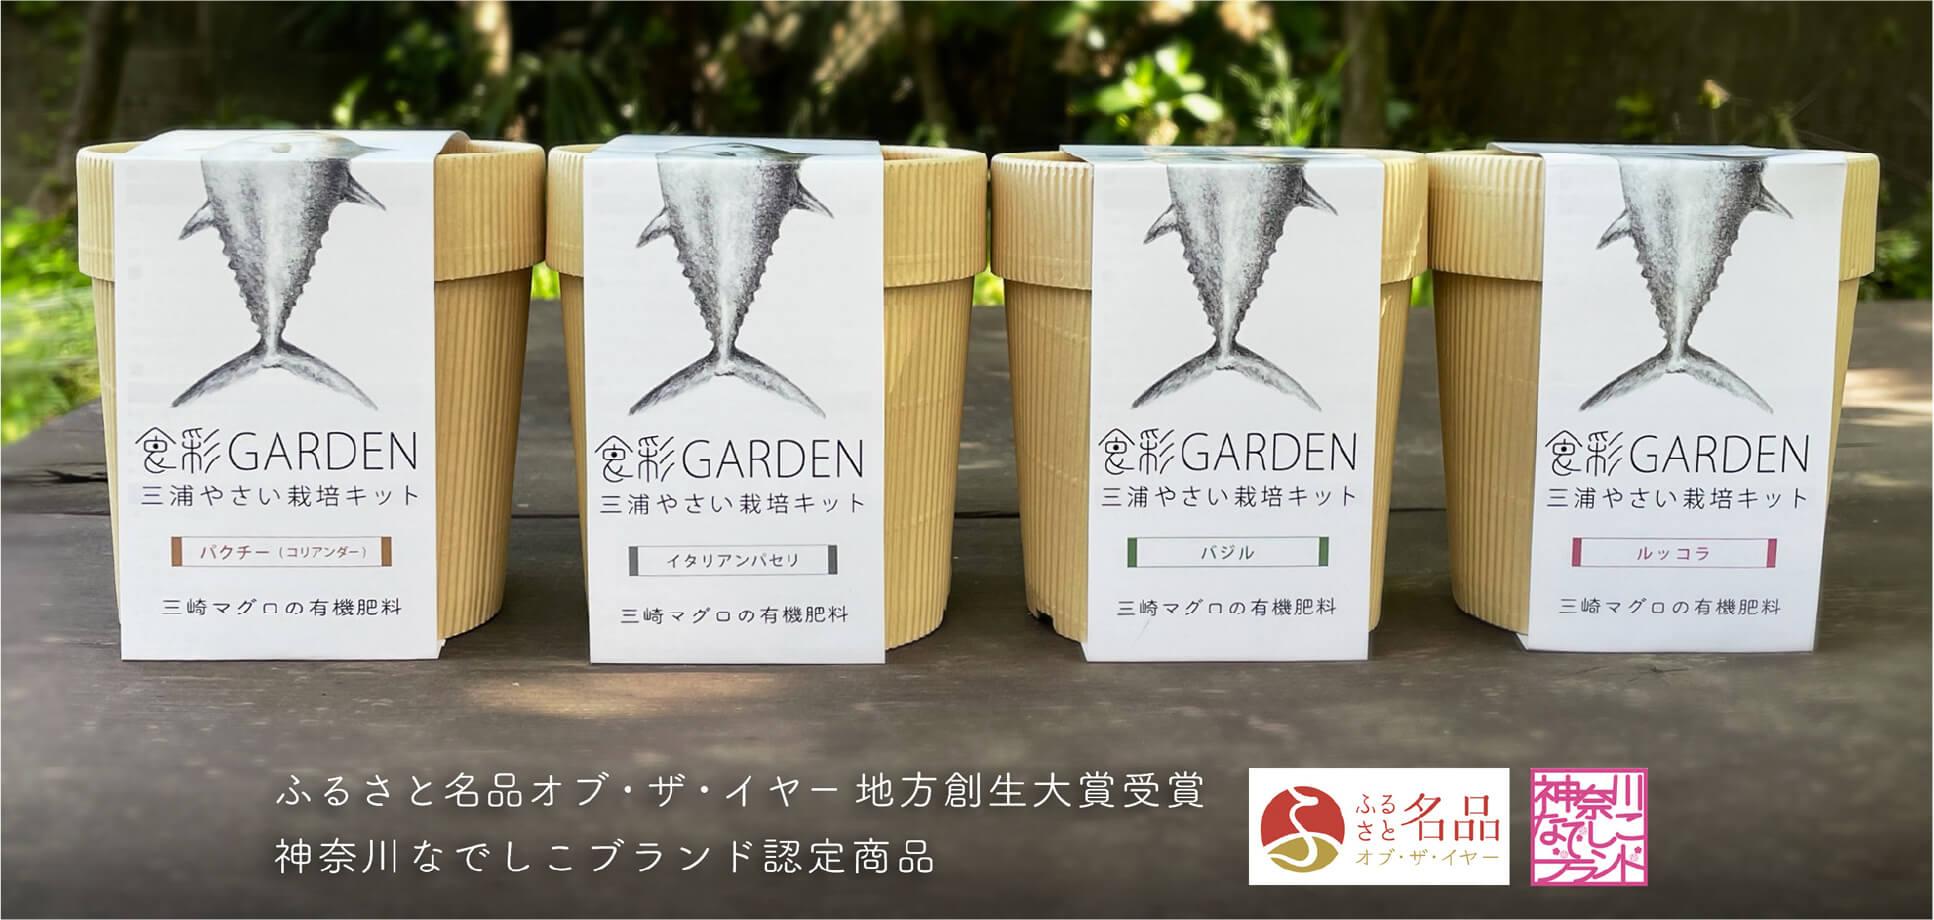 食彩GARDEN 三浦やさい栽培キット